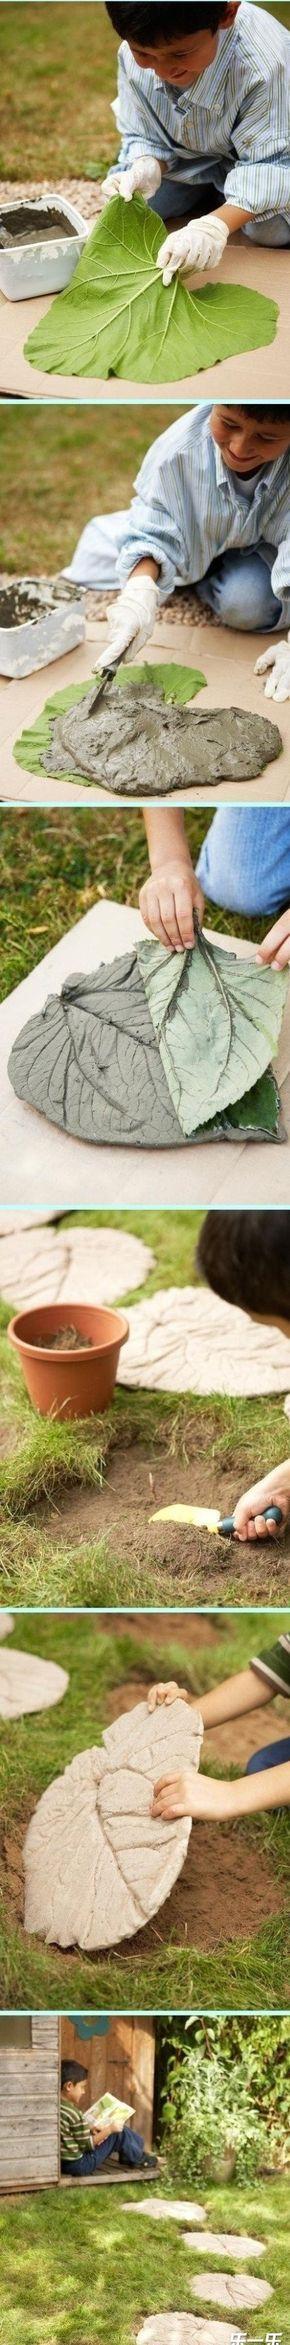 Die besten 25+ Garten trittsteine Ideen auf Pinterest - gehwegplatten verlegen selber machen